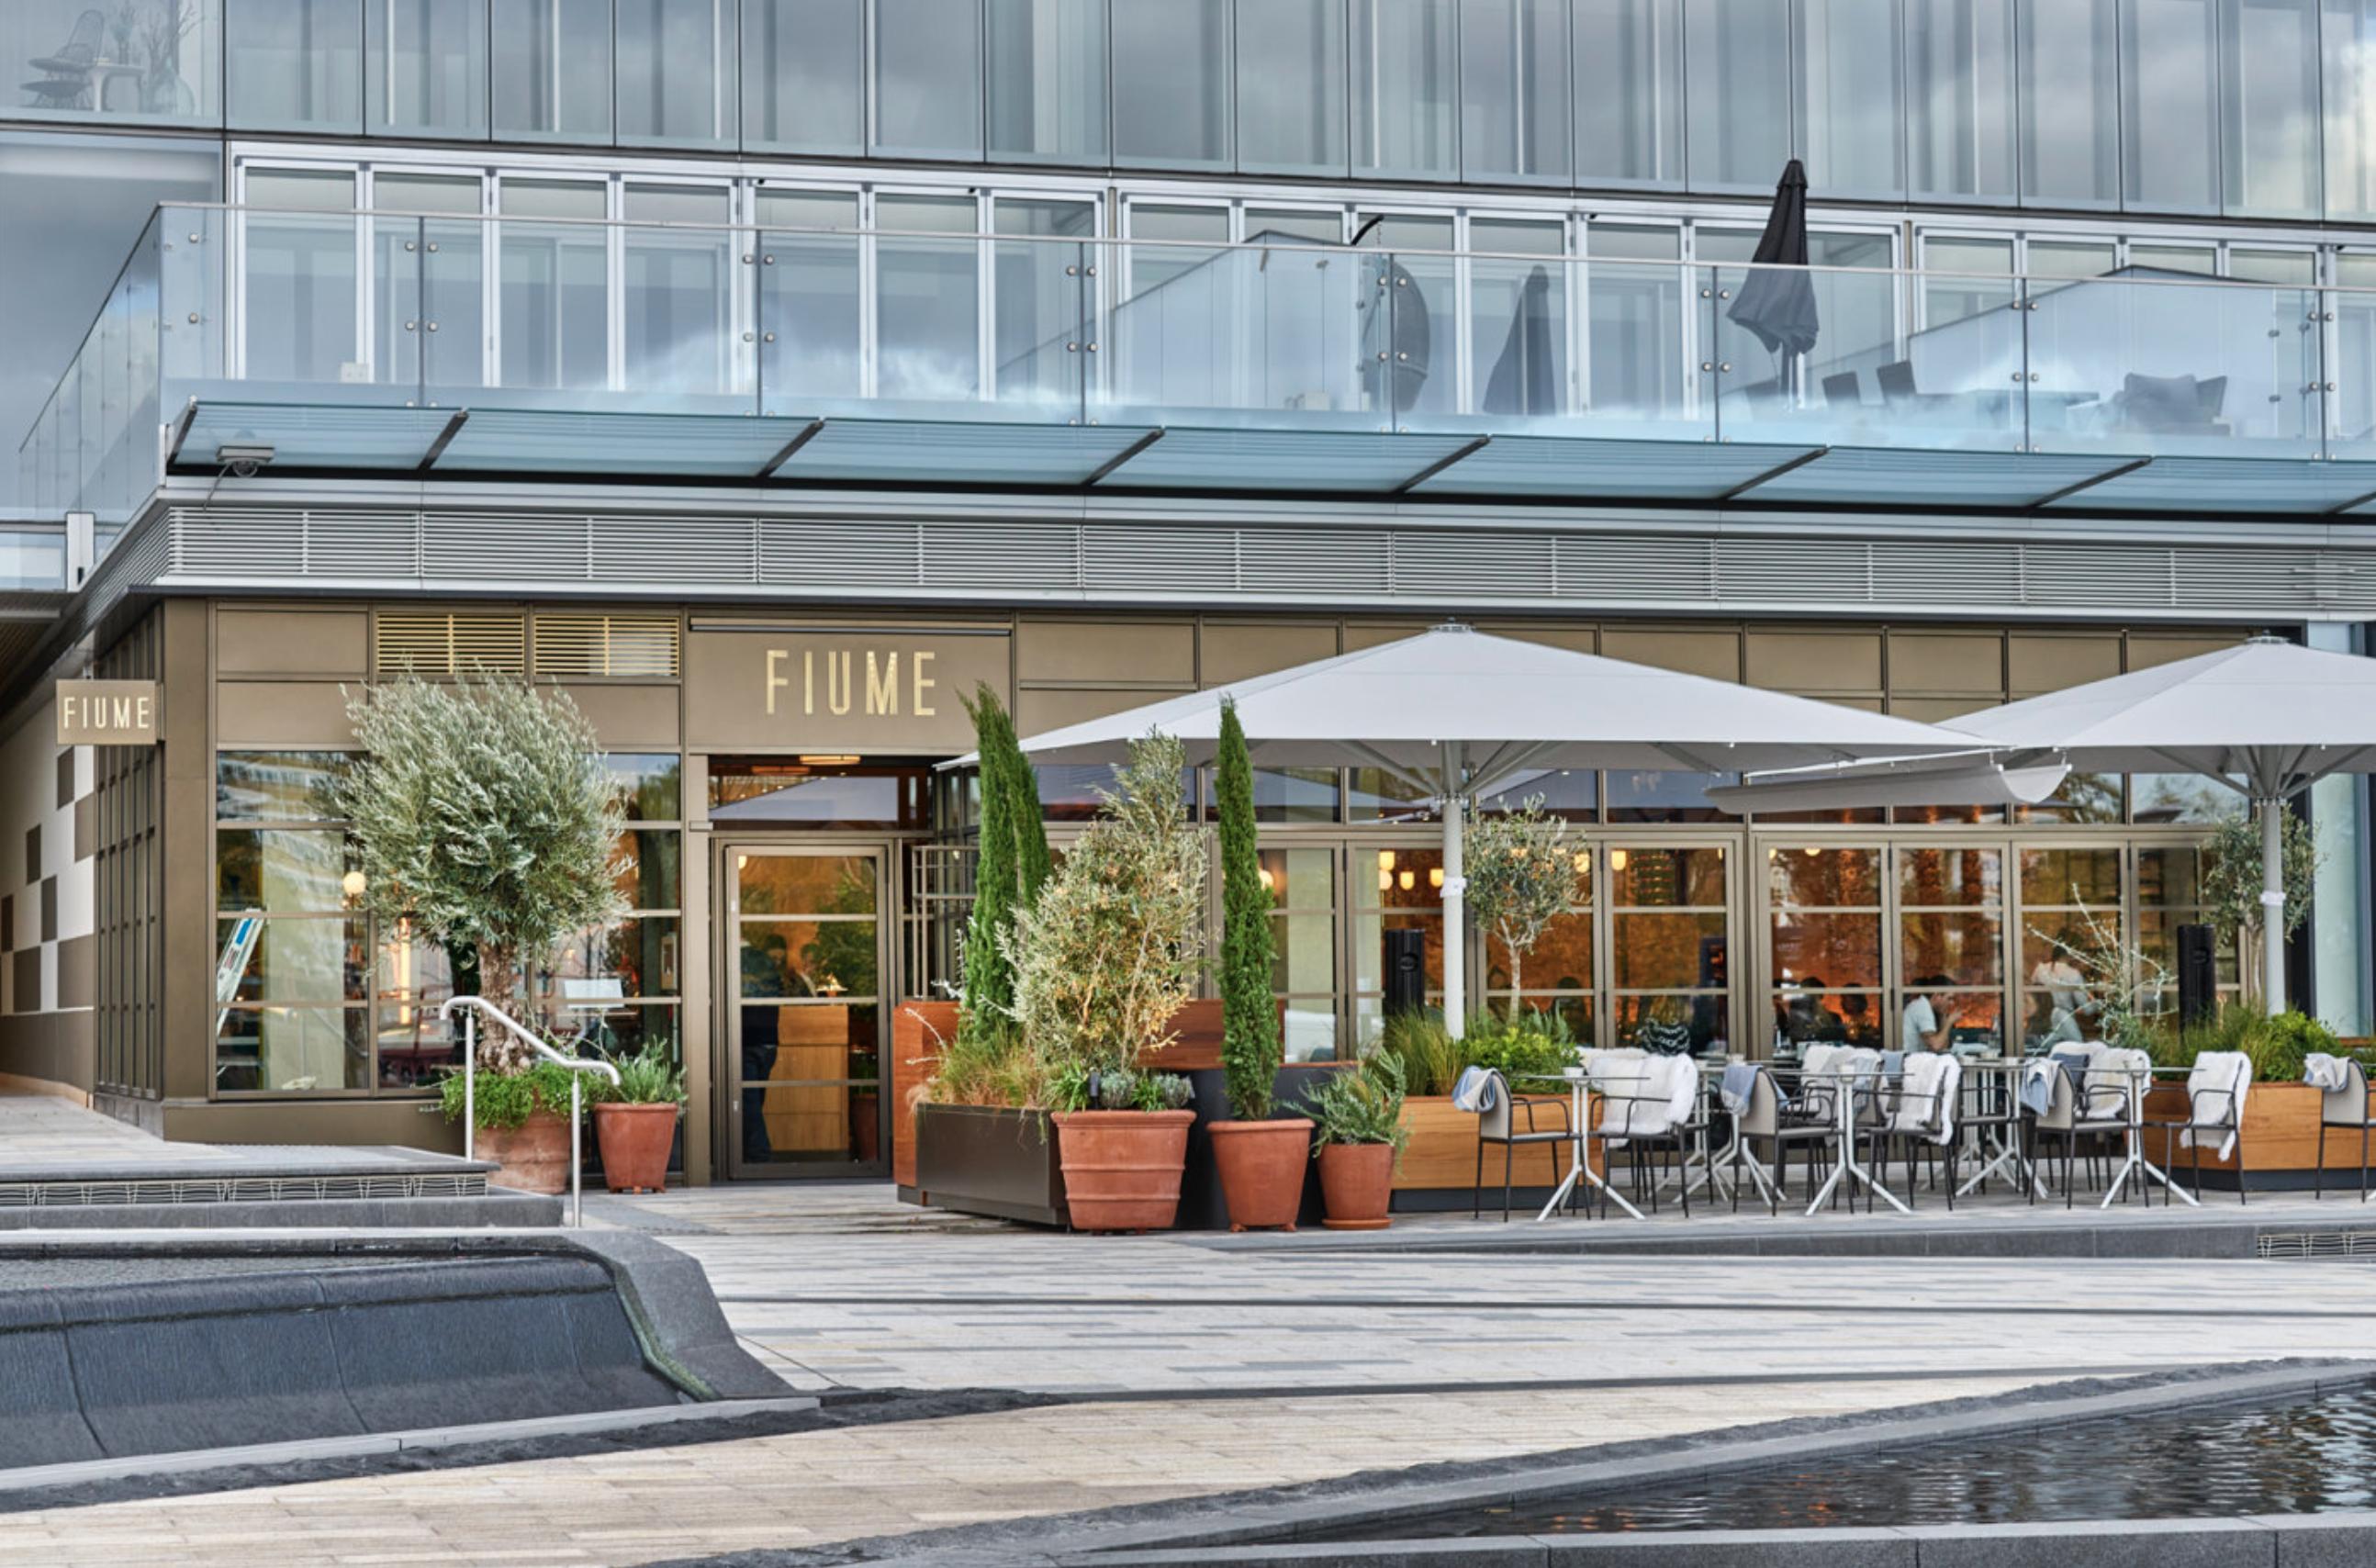 Fiume Restaurant